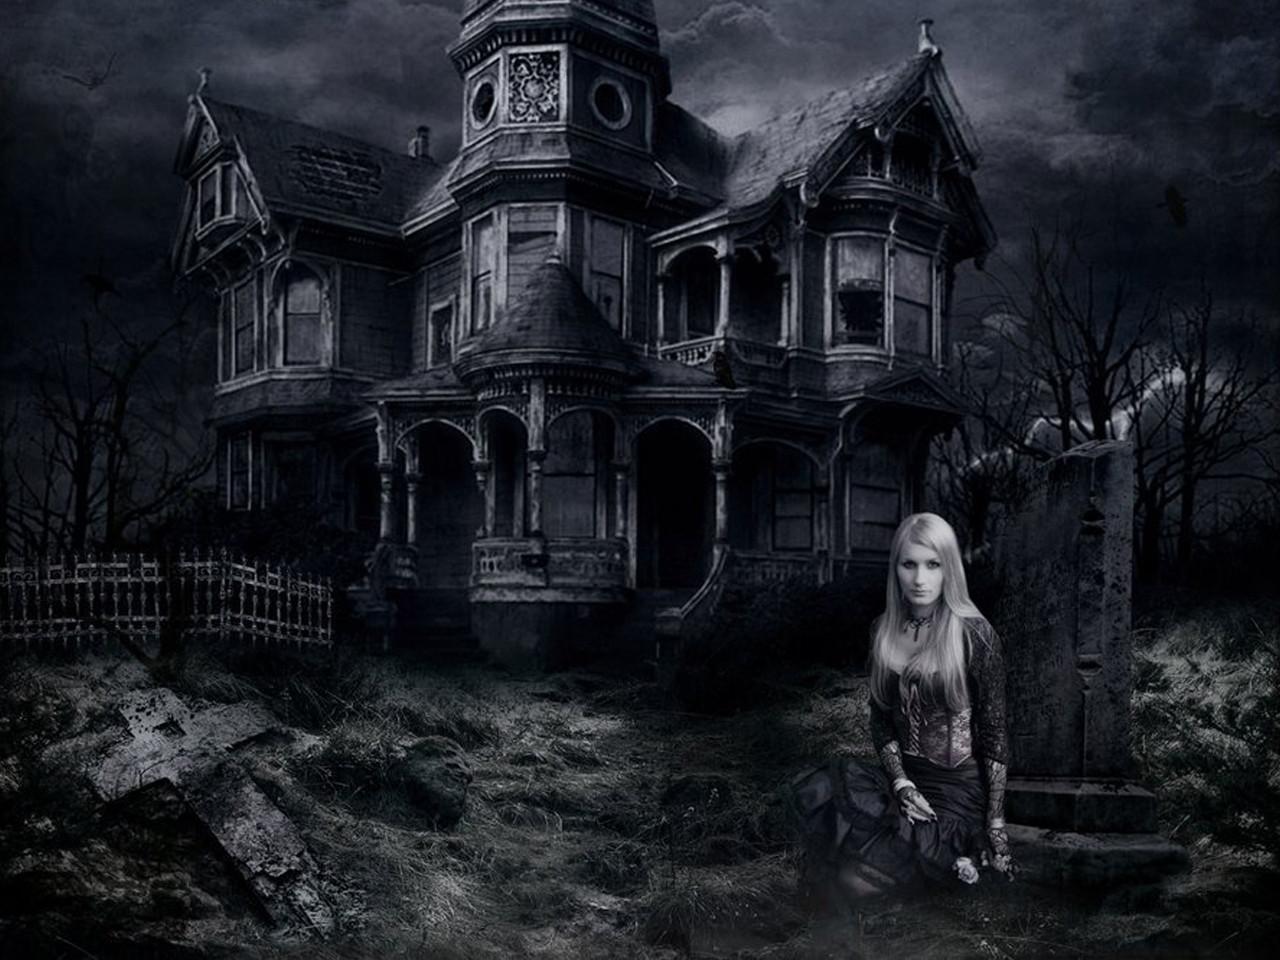 Haunted House Desktop Wallpapers 1280x960